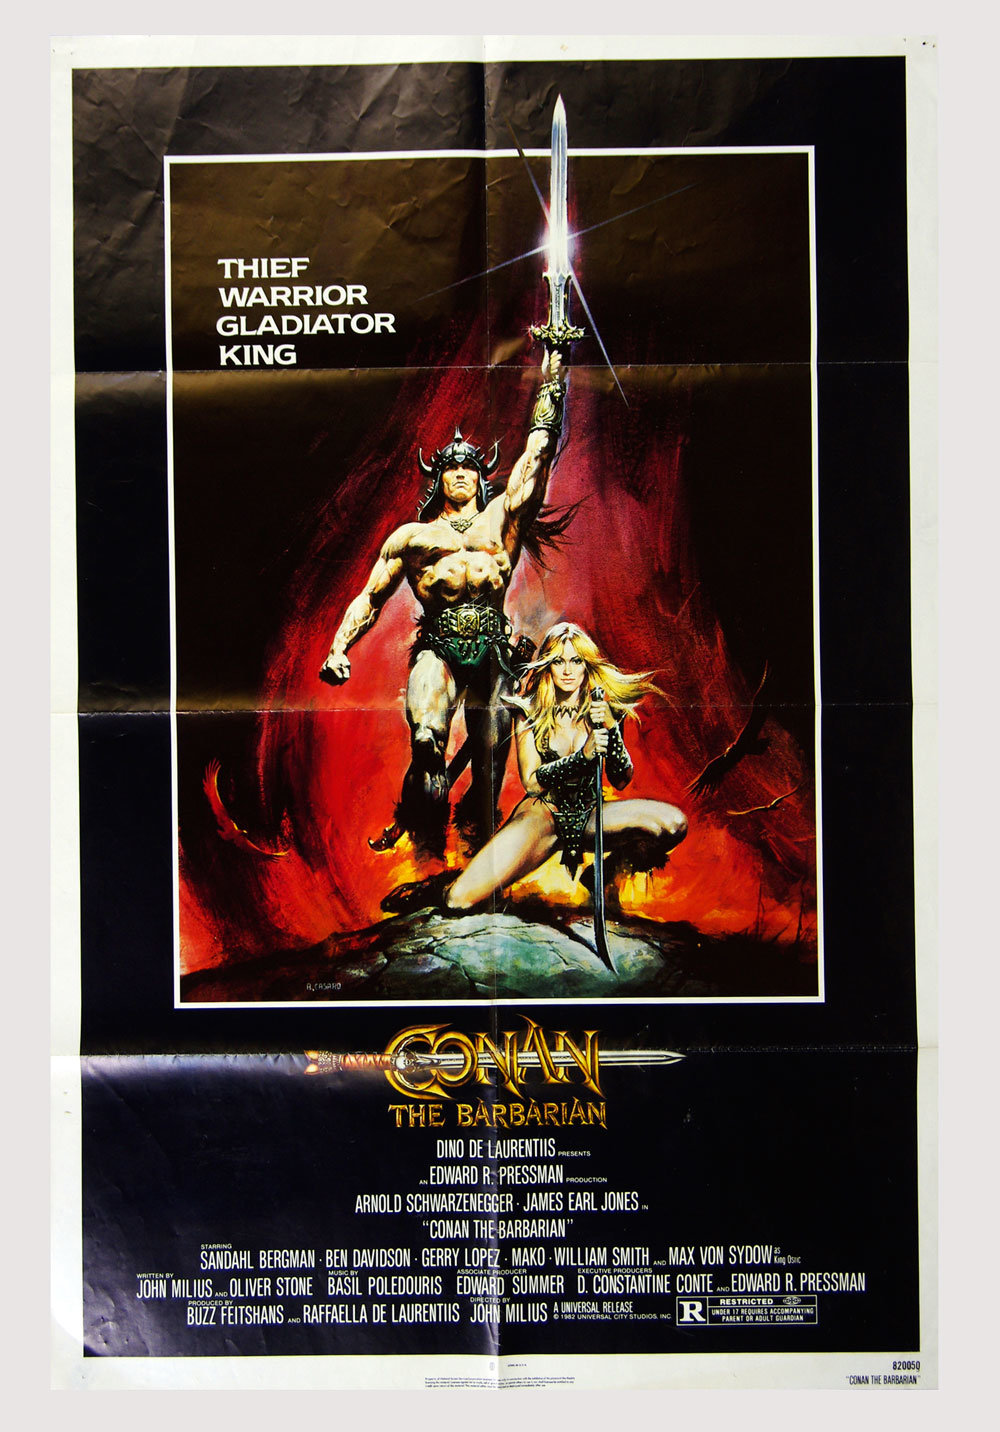 Conan The Barbarian Movie Poster 1982 Arnold Schwarzenegger 27 x 41 1 sheet